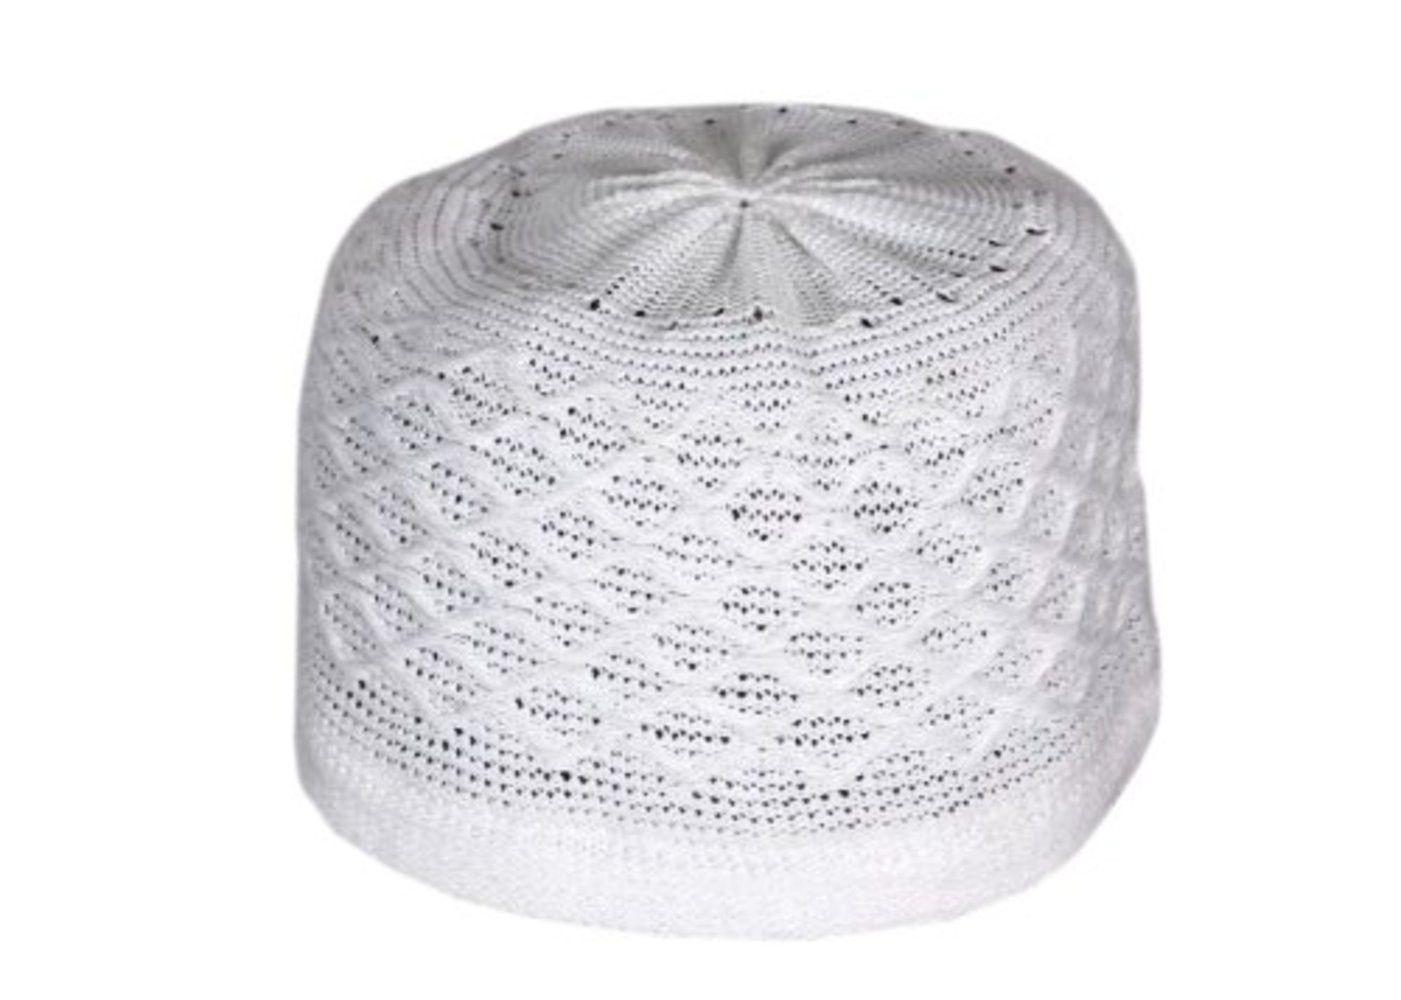 Muslim Prayer Cap Kufi Topi Soft Threads & Block Shaped (Pure White ...